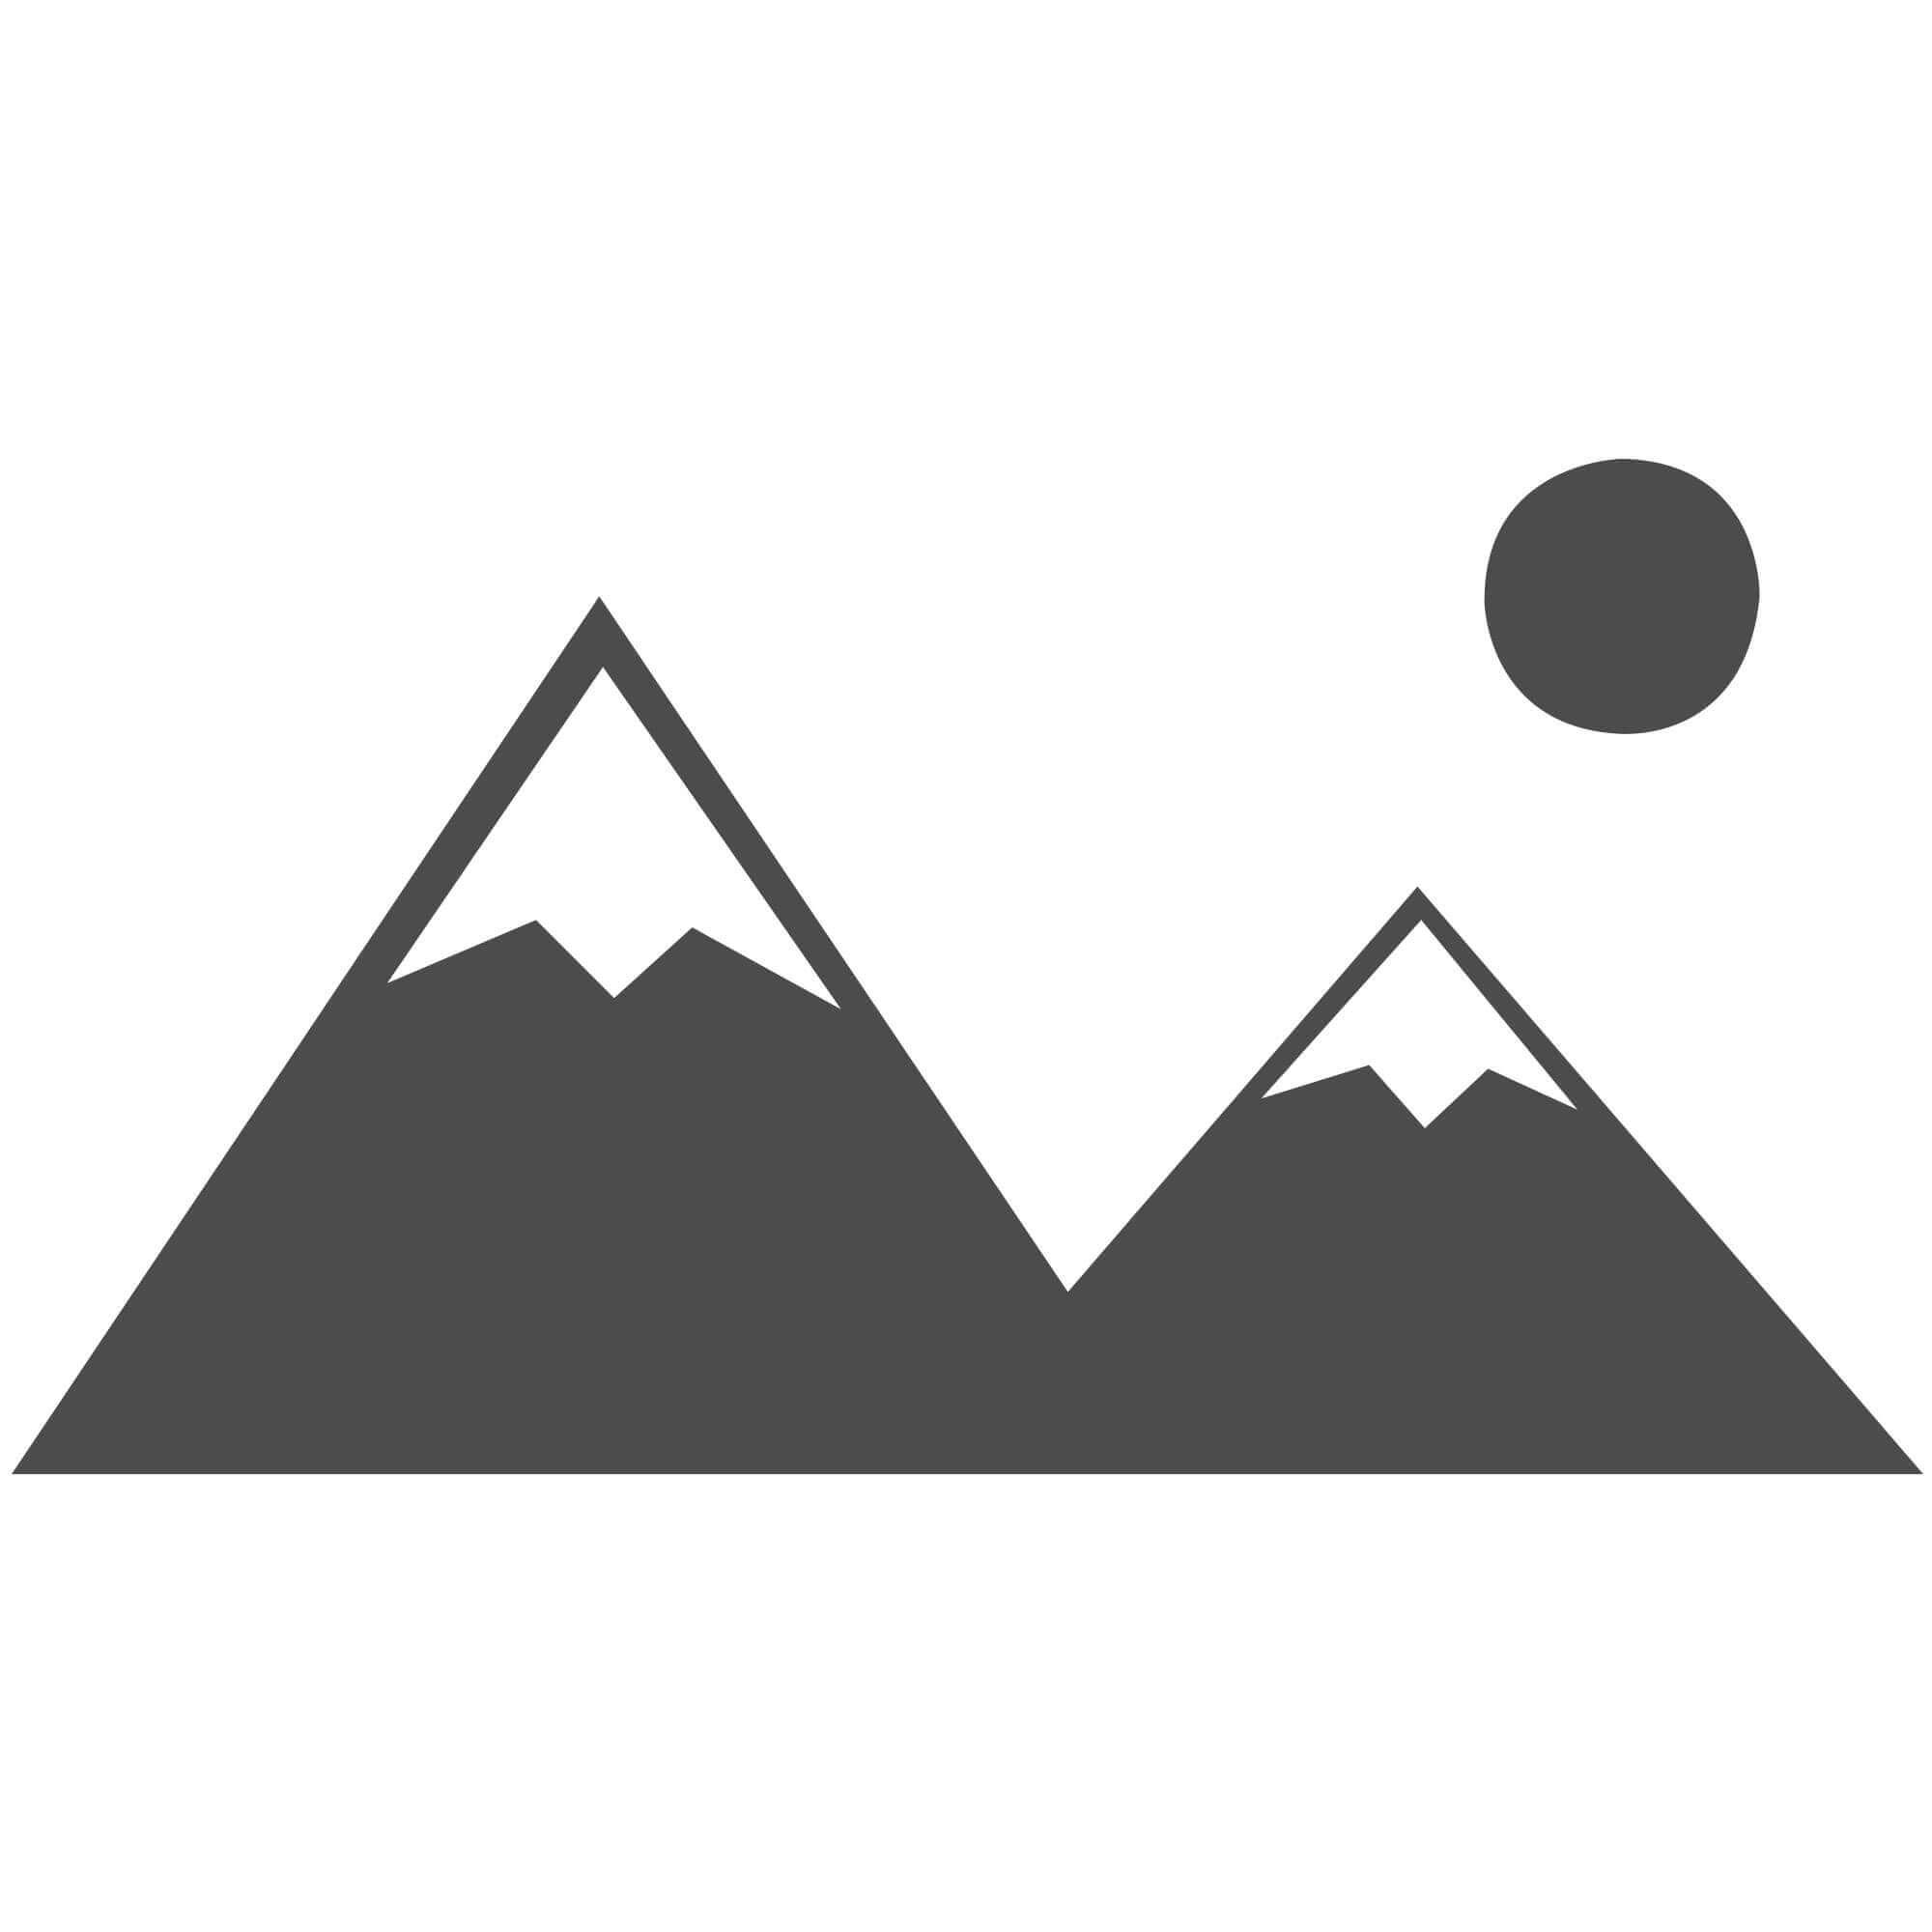 """Velvet Shaggy Rug - Peach - Size 120 x 170 cm (4' x 5'7"""")"""